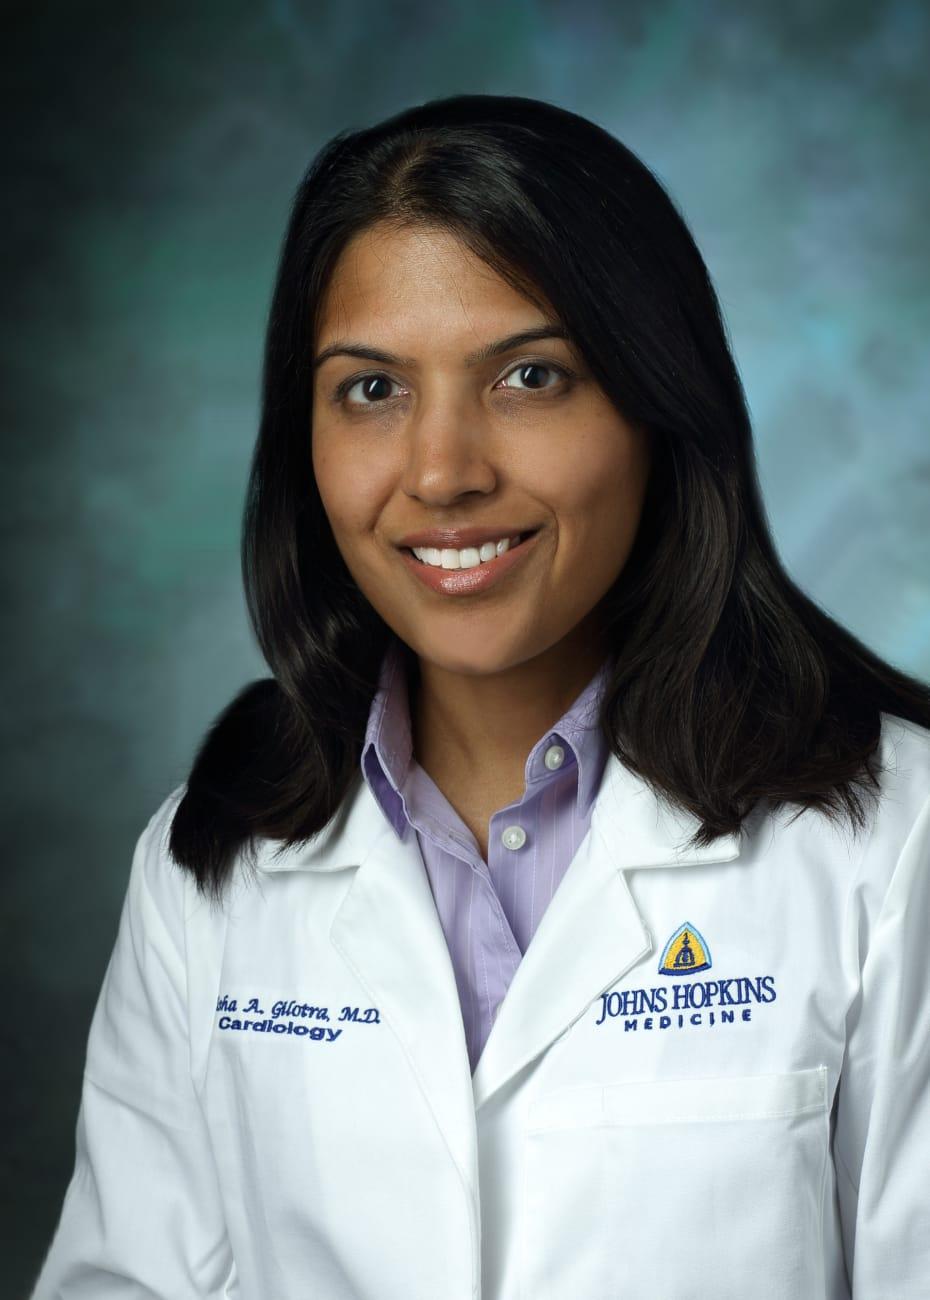 Clinic Director Nisha Gilotra